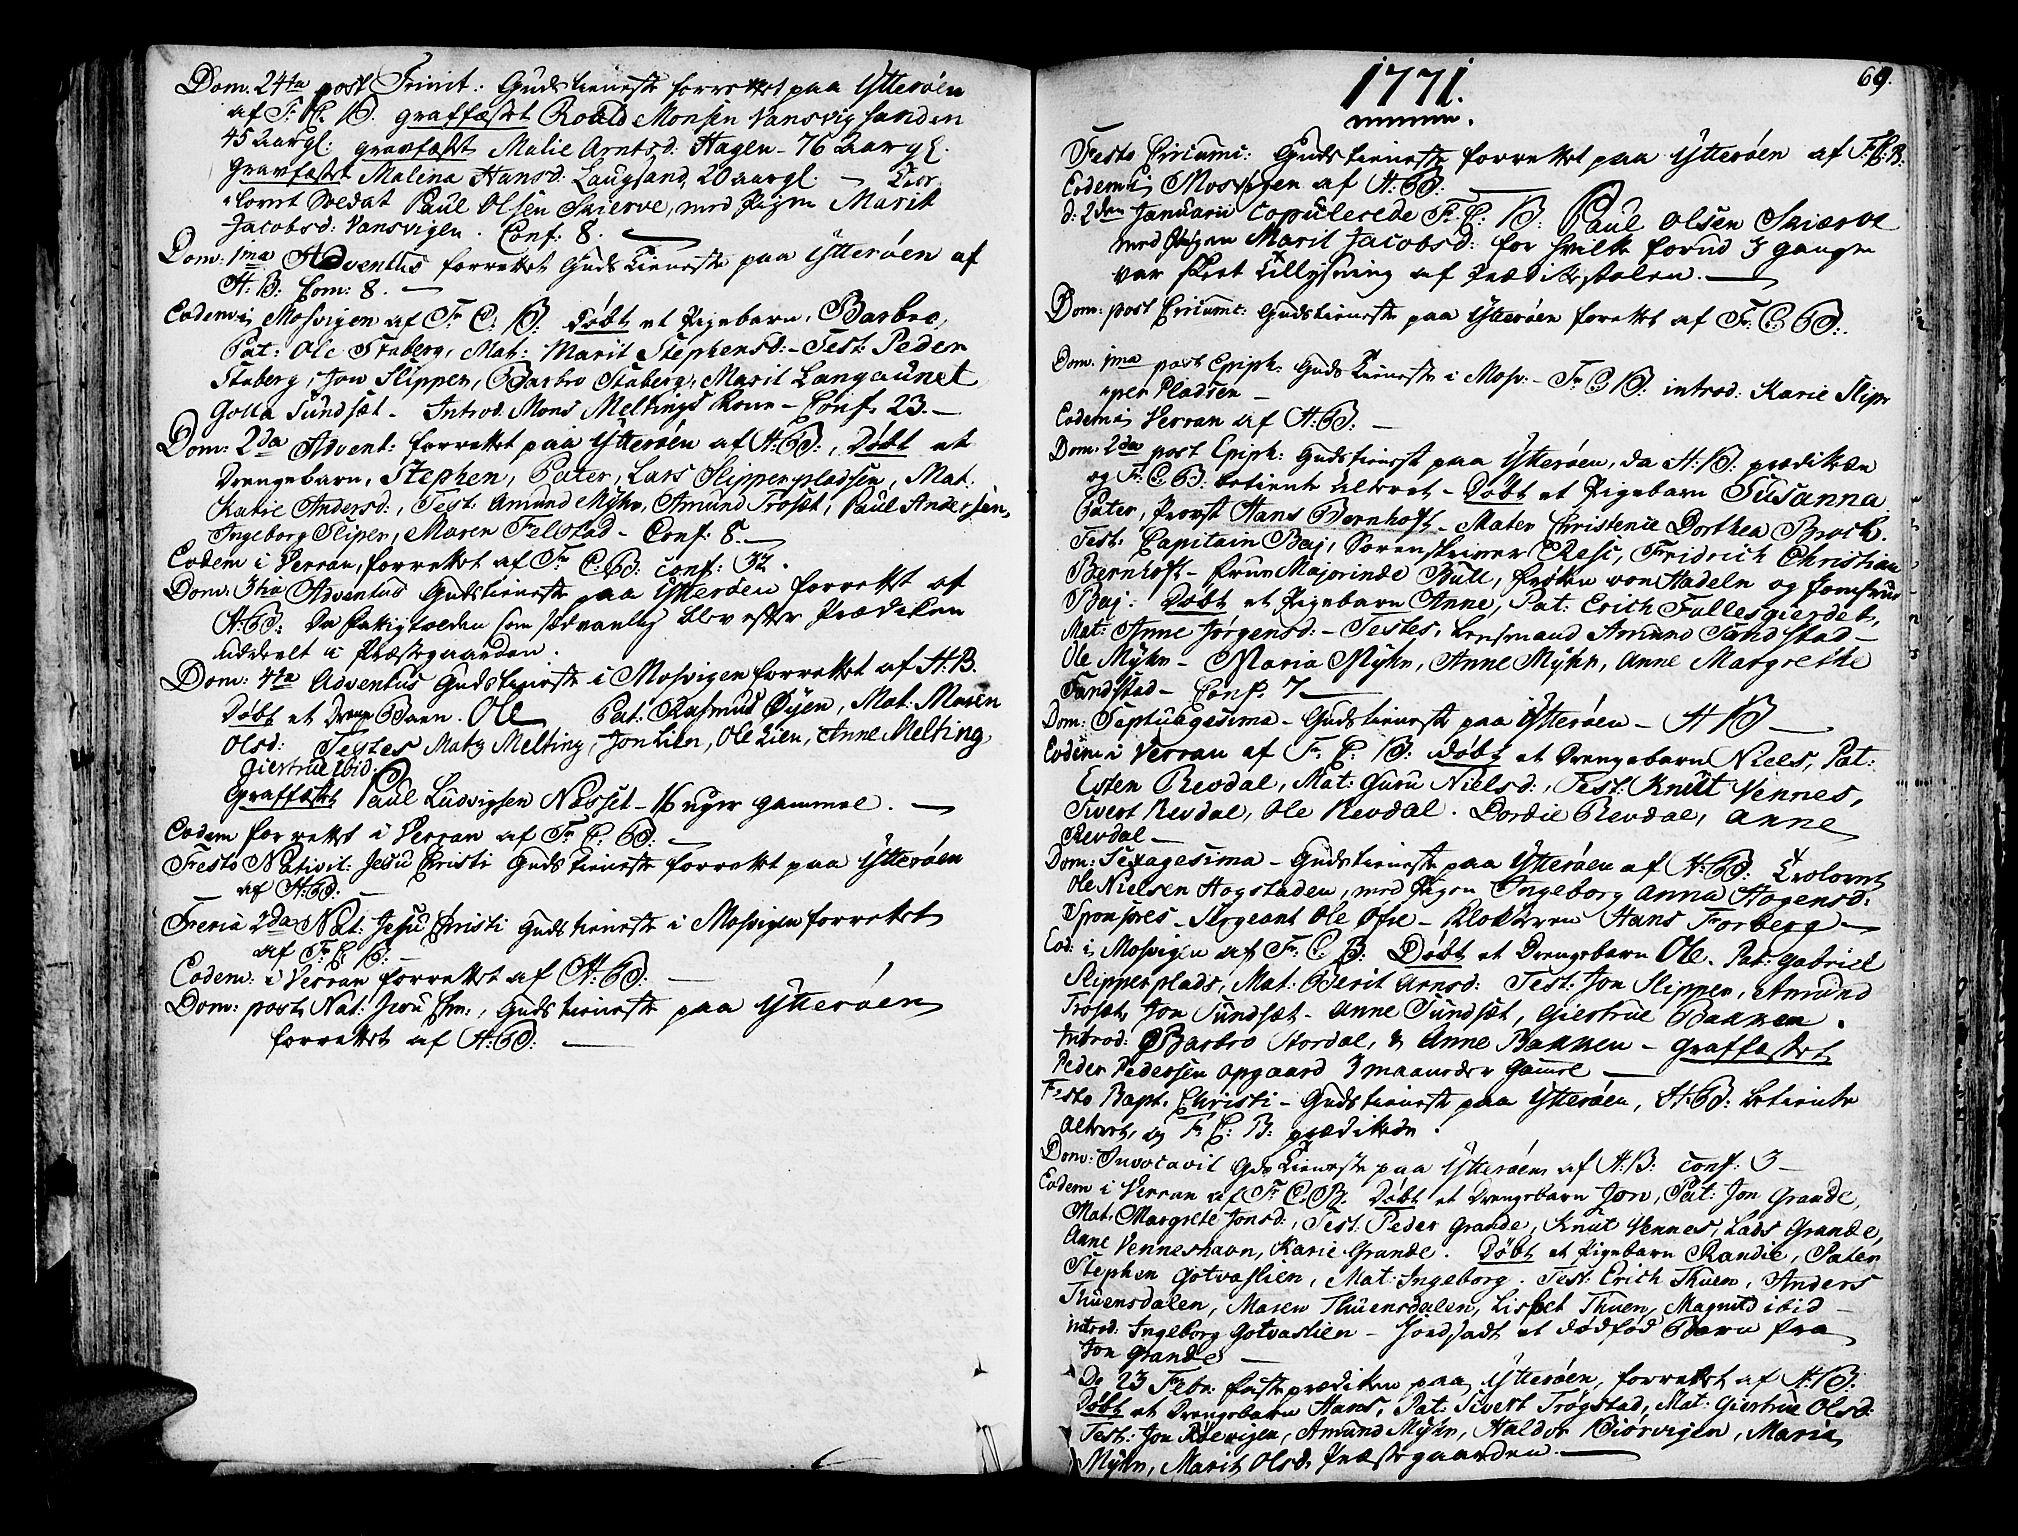 SAT, Ministerialprotokoller, klokkerbøker og fødselsregistre - Nord-Trøndelag, 722/L0216: Ministerialbok nr. 722A03, 1756-1816, s. 69